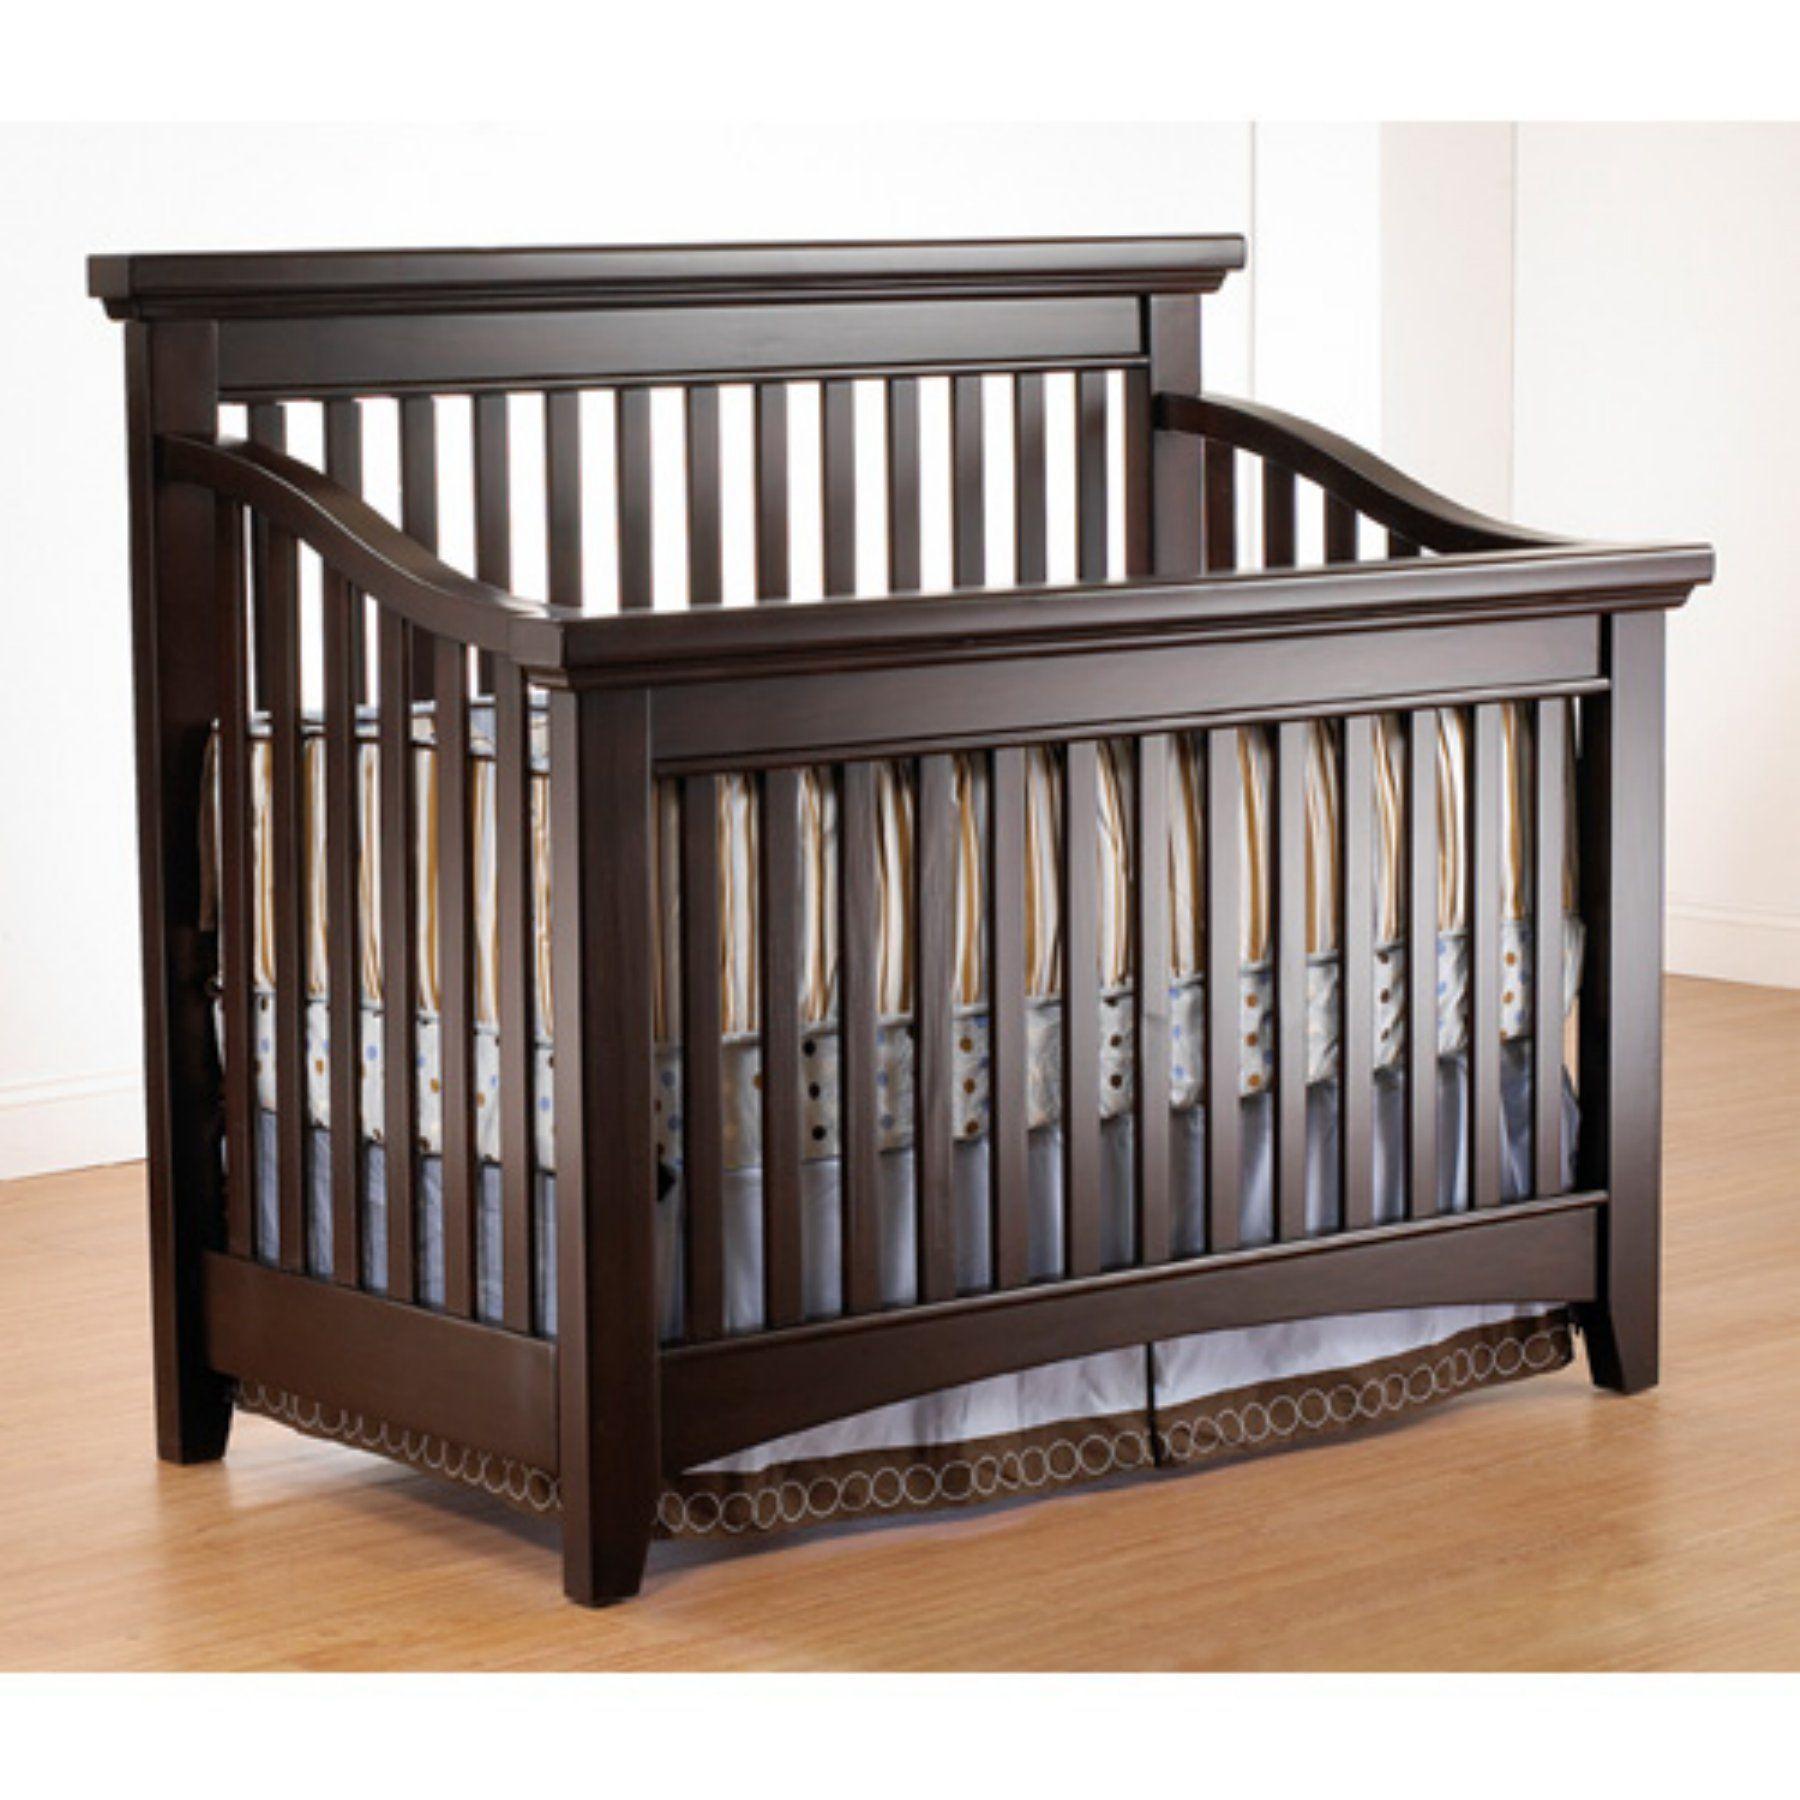 Lusso Nursery Seville 4in1 Crib with Mini Rail 165E